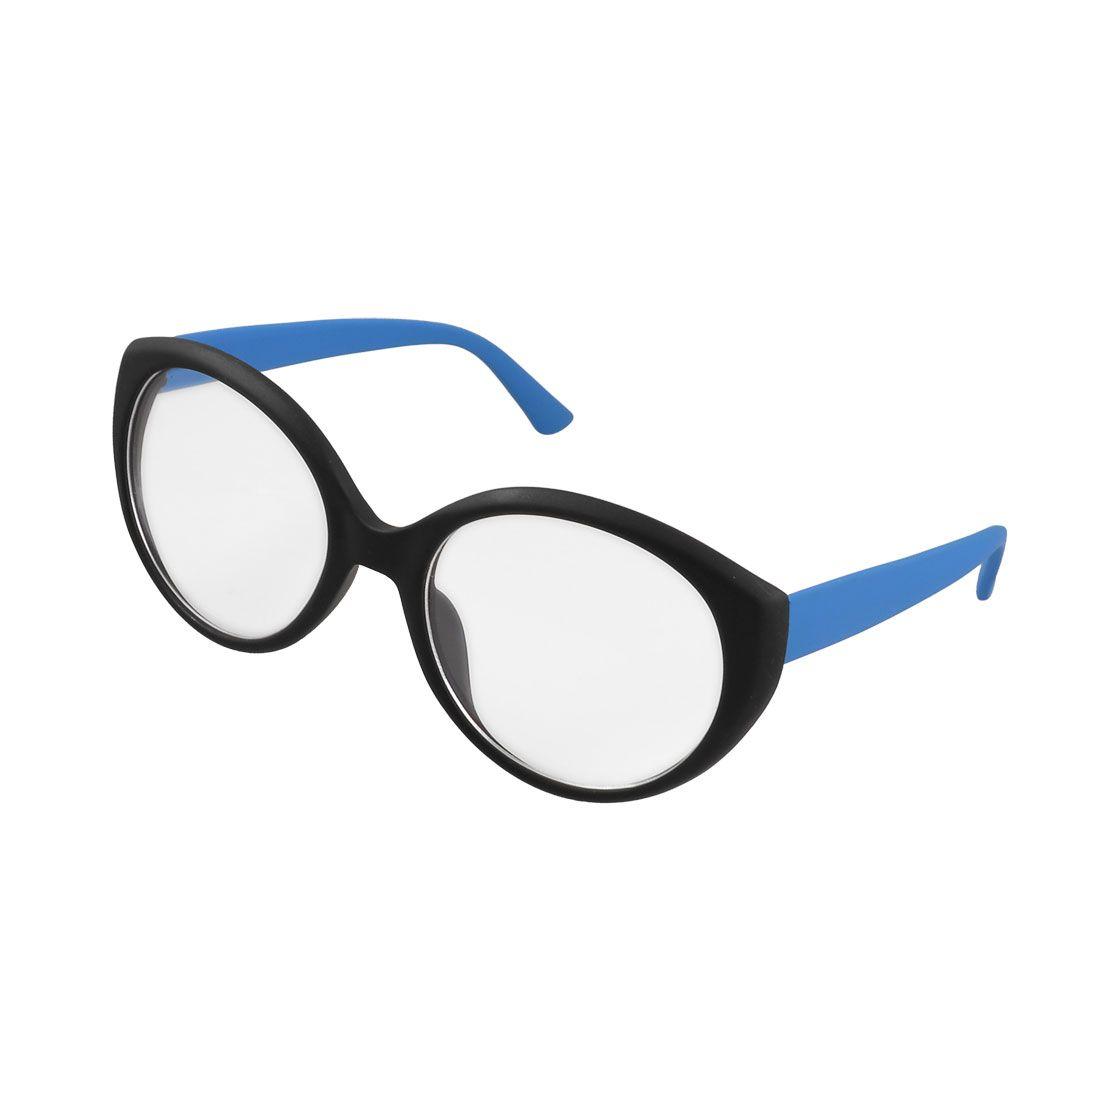 a674d7e6bef prada eyeglass frames for women blue plastic